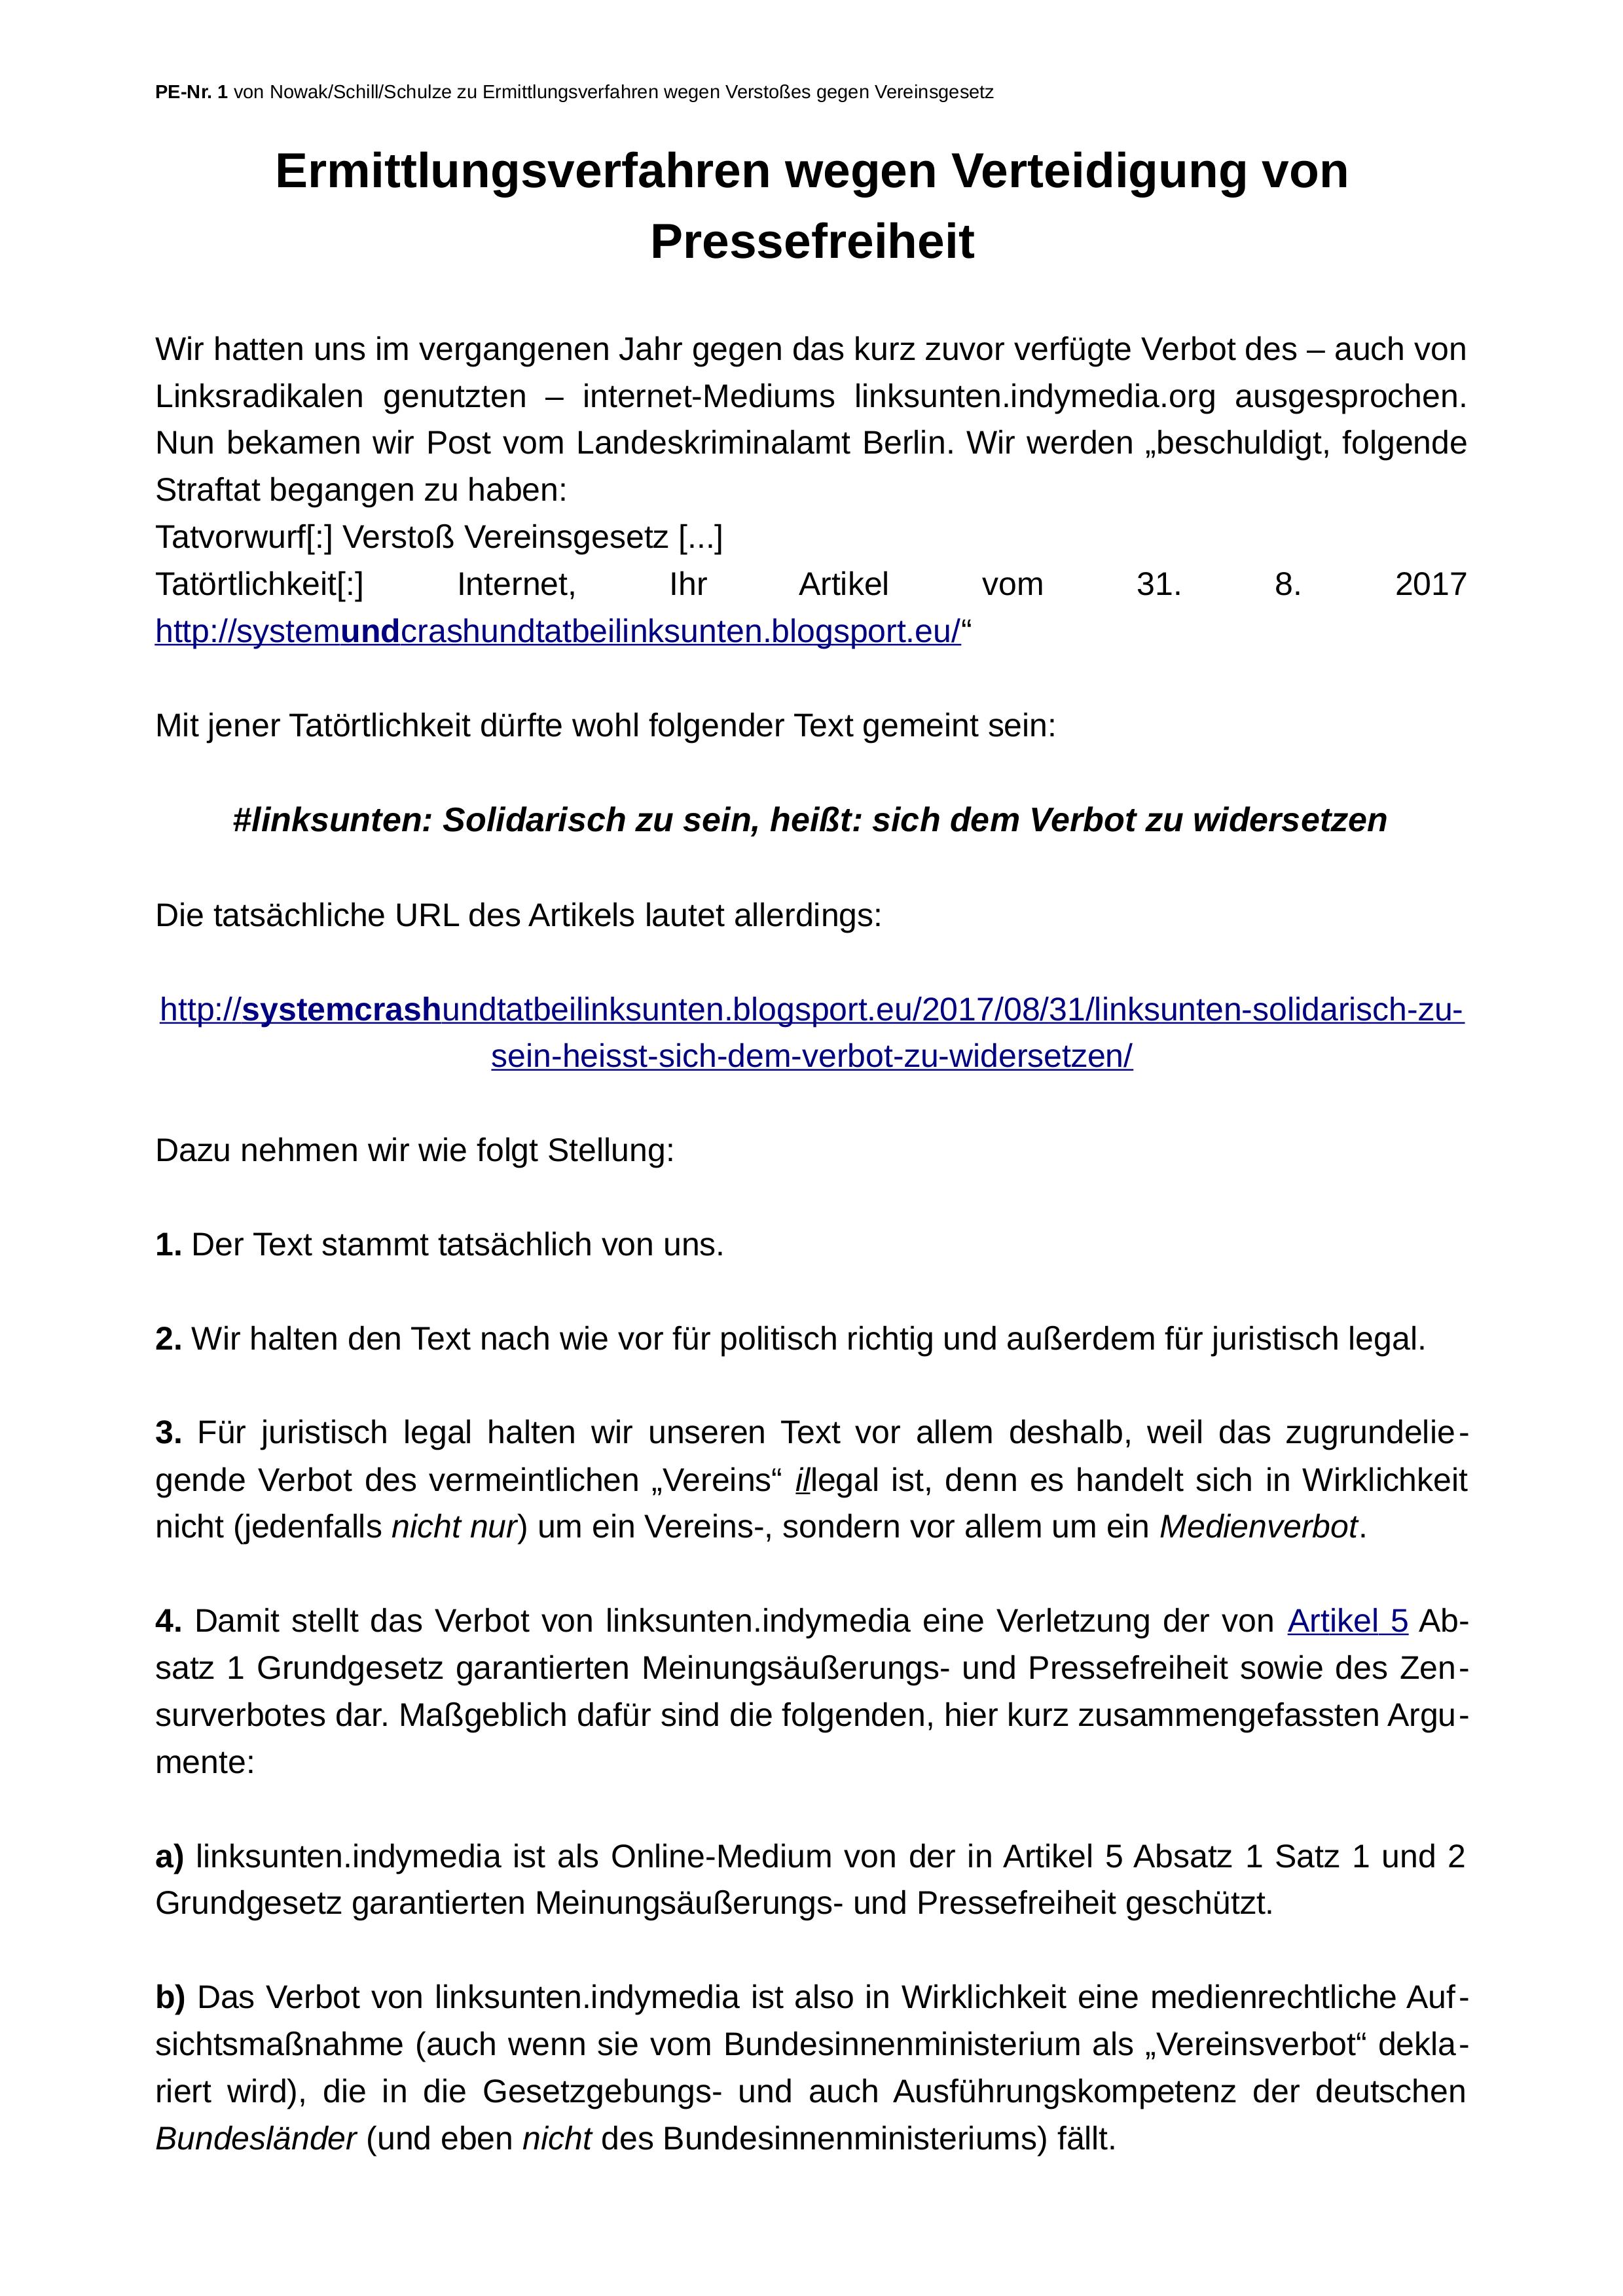 PE Nr. 1 vom 24.09.2018, S. 1